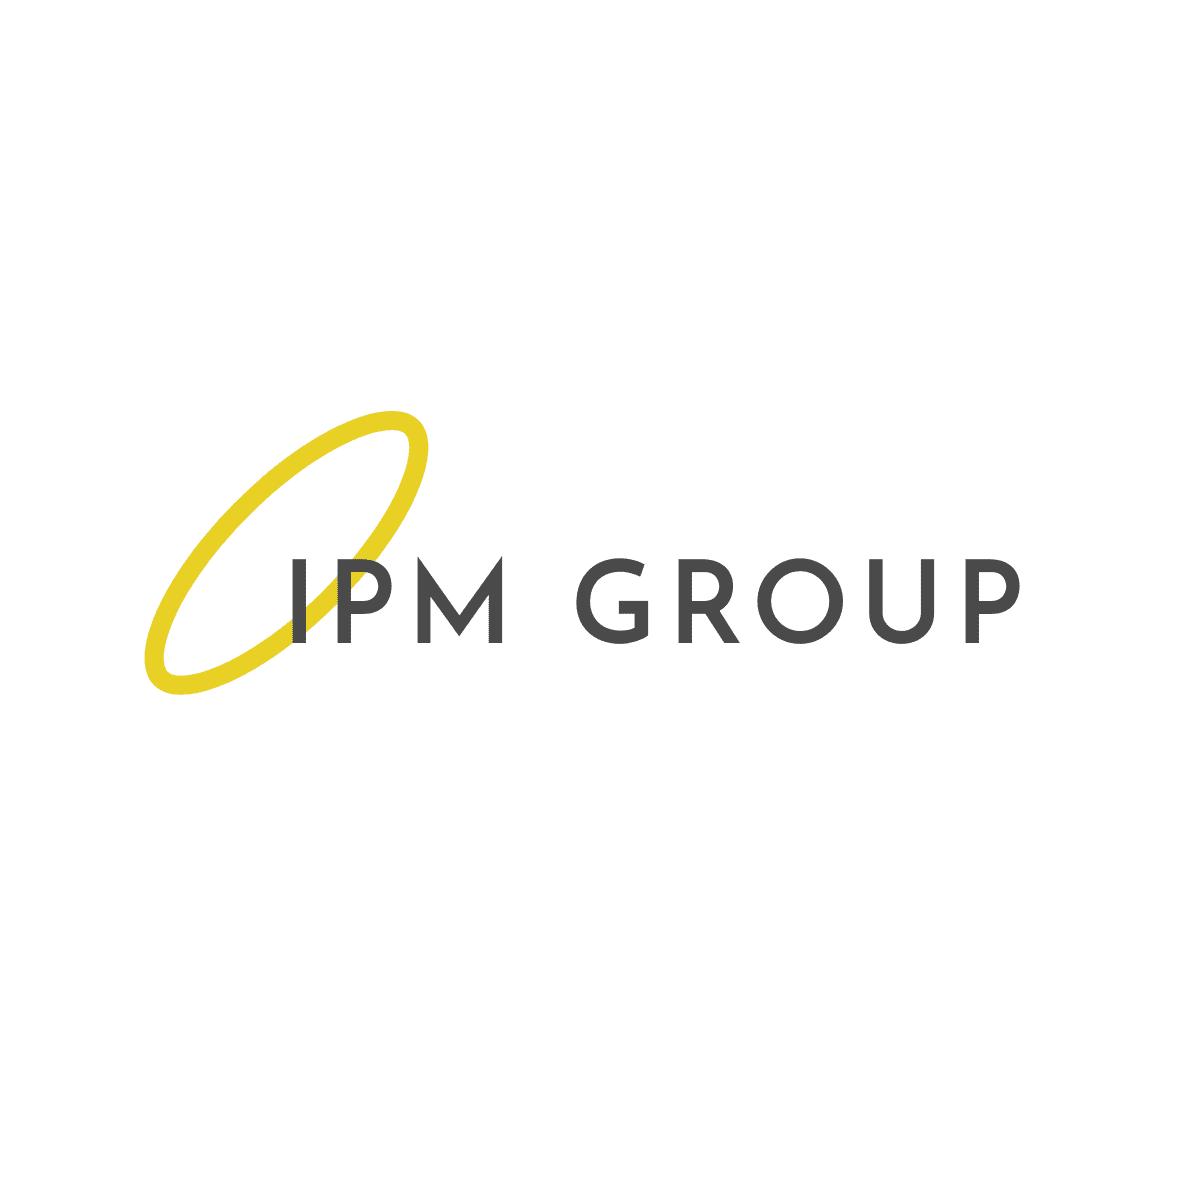 Разработка логотипа для управляющей компании фото f_3125f830ab4e1ca3.png